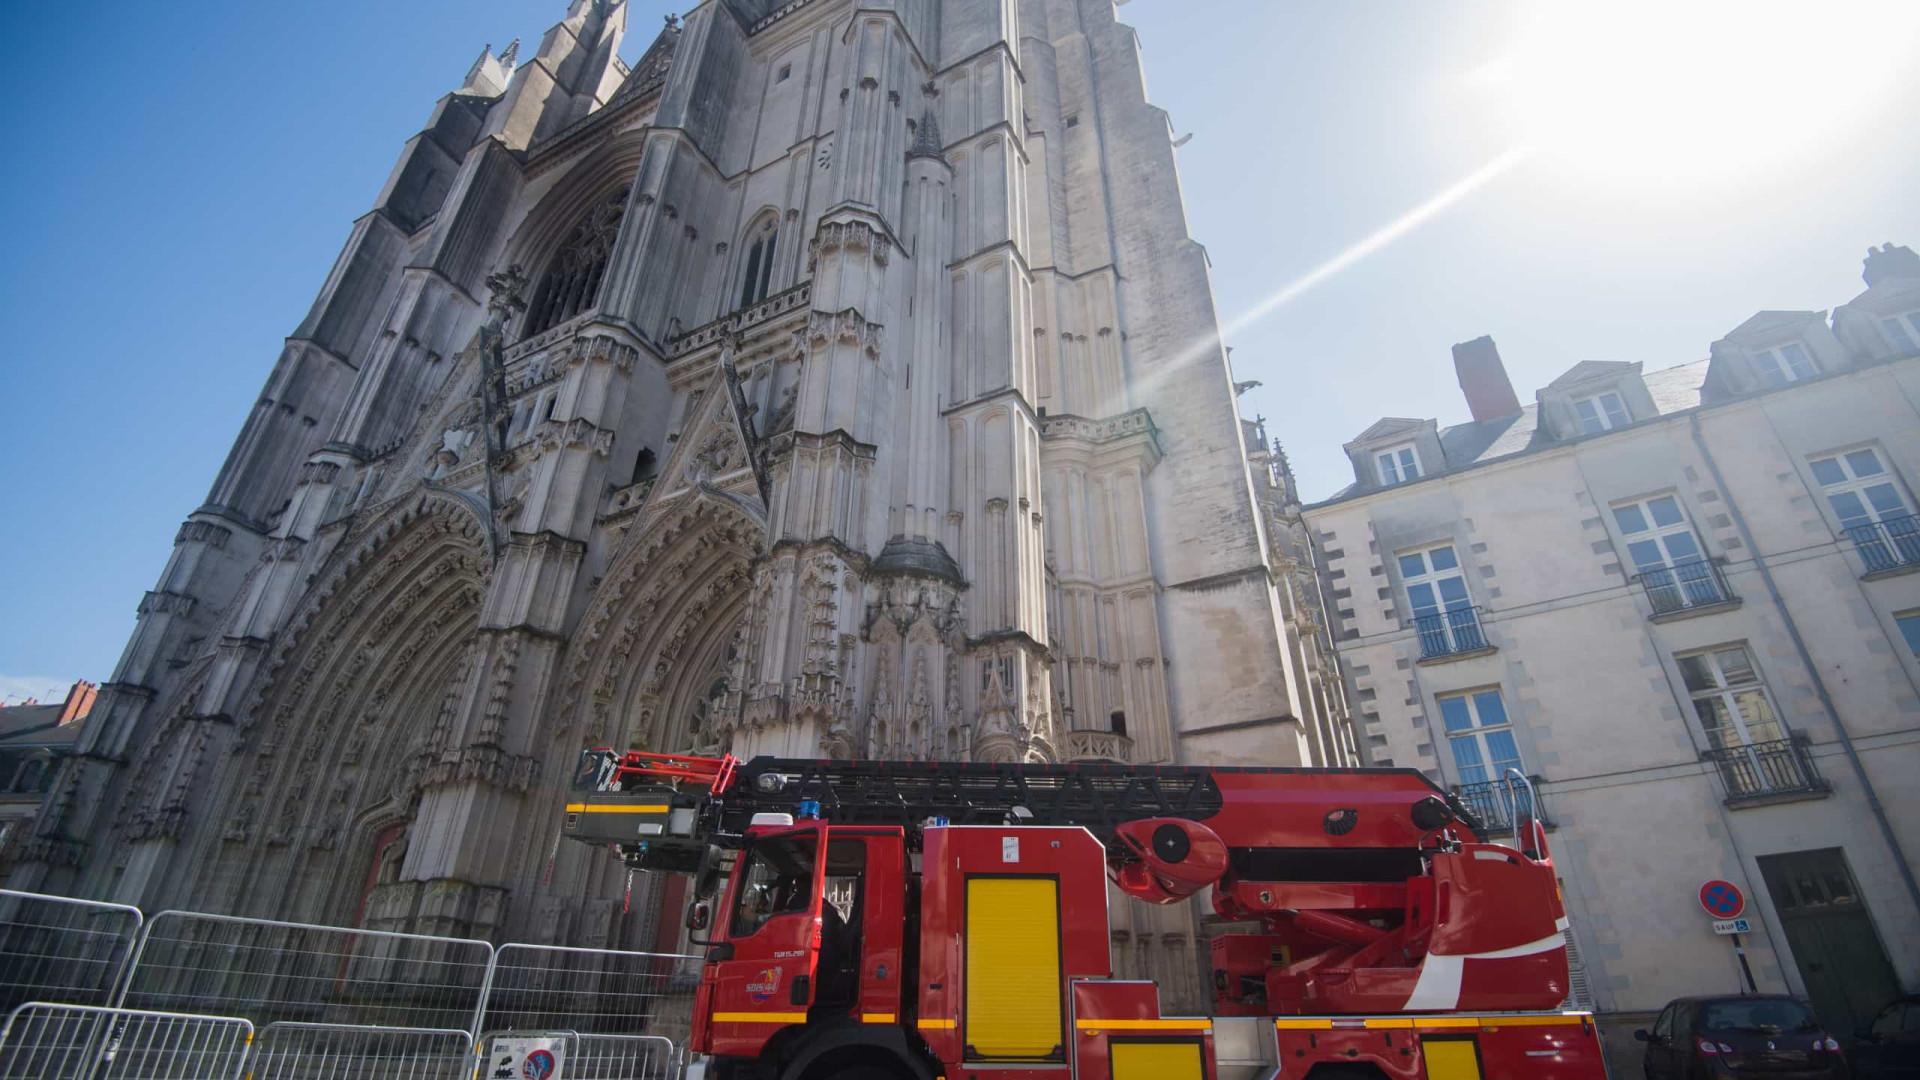 Ruandês confessa ter começado incêndio em catedral francesa